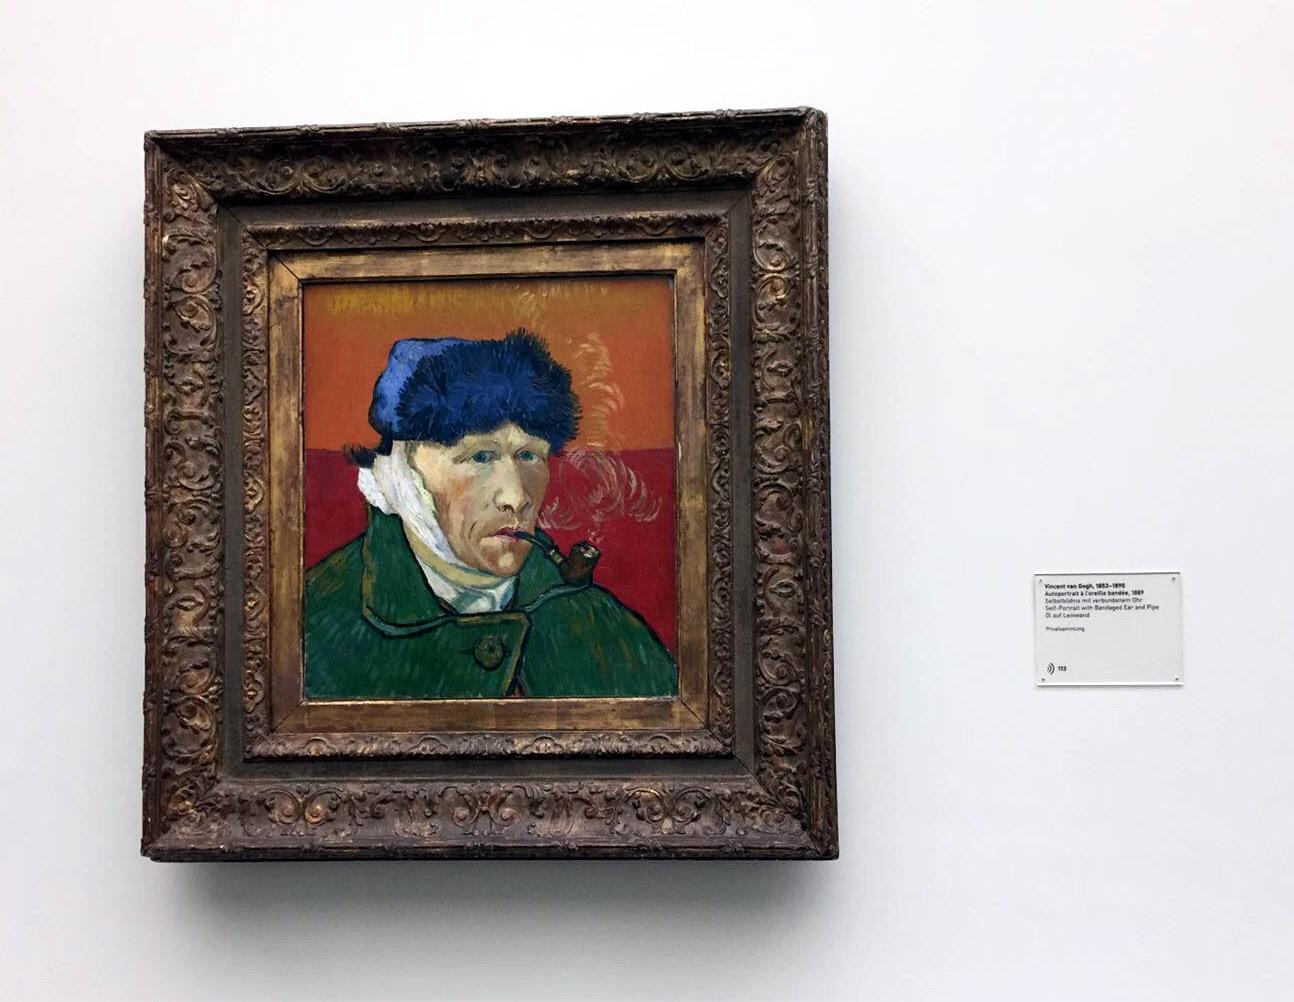 zurych zurich kunsthaus muzeum obraz van gogh iglawpodrozy